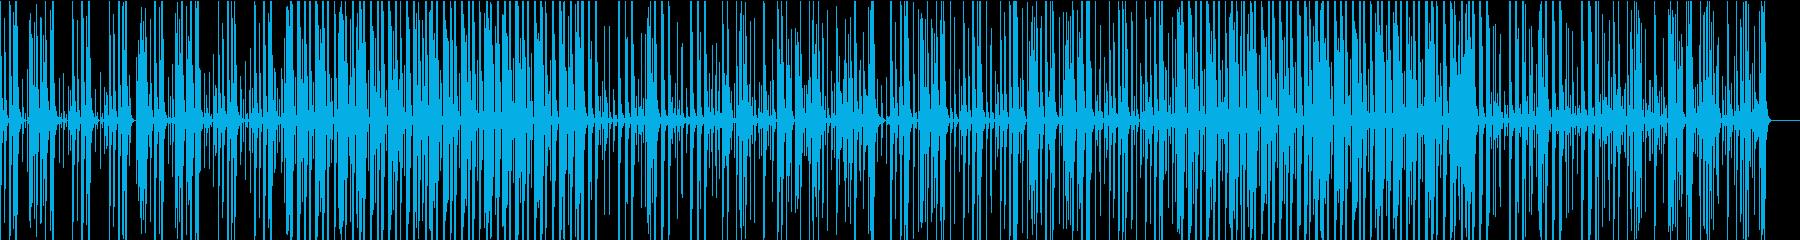 ほのぼのした雰囲気のマリンバの再生済みの波形